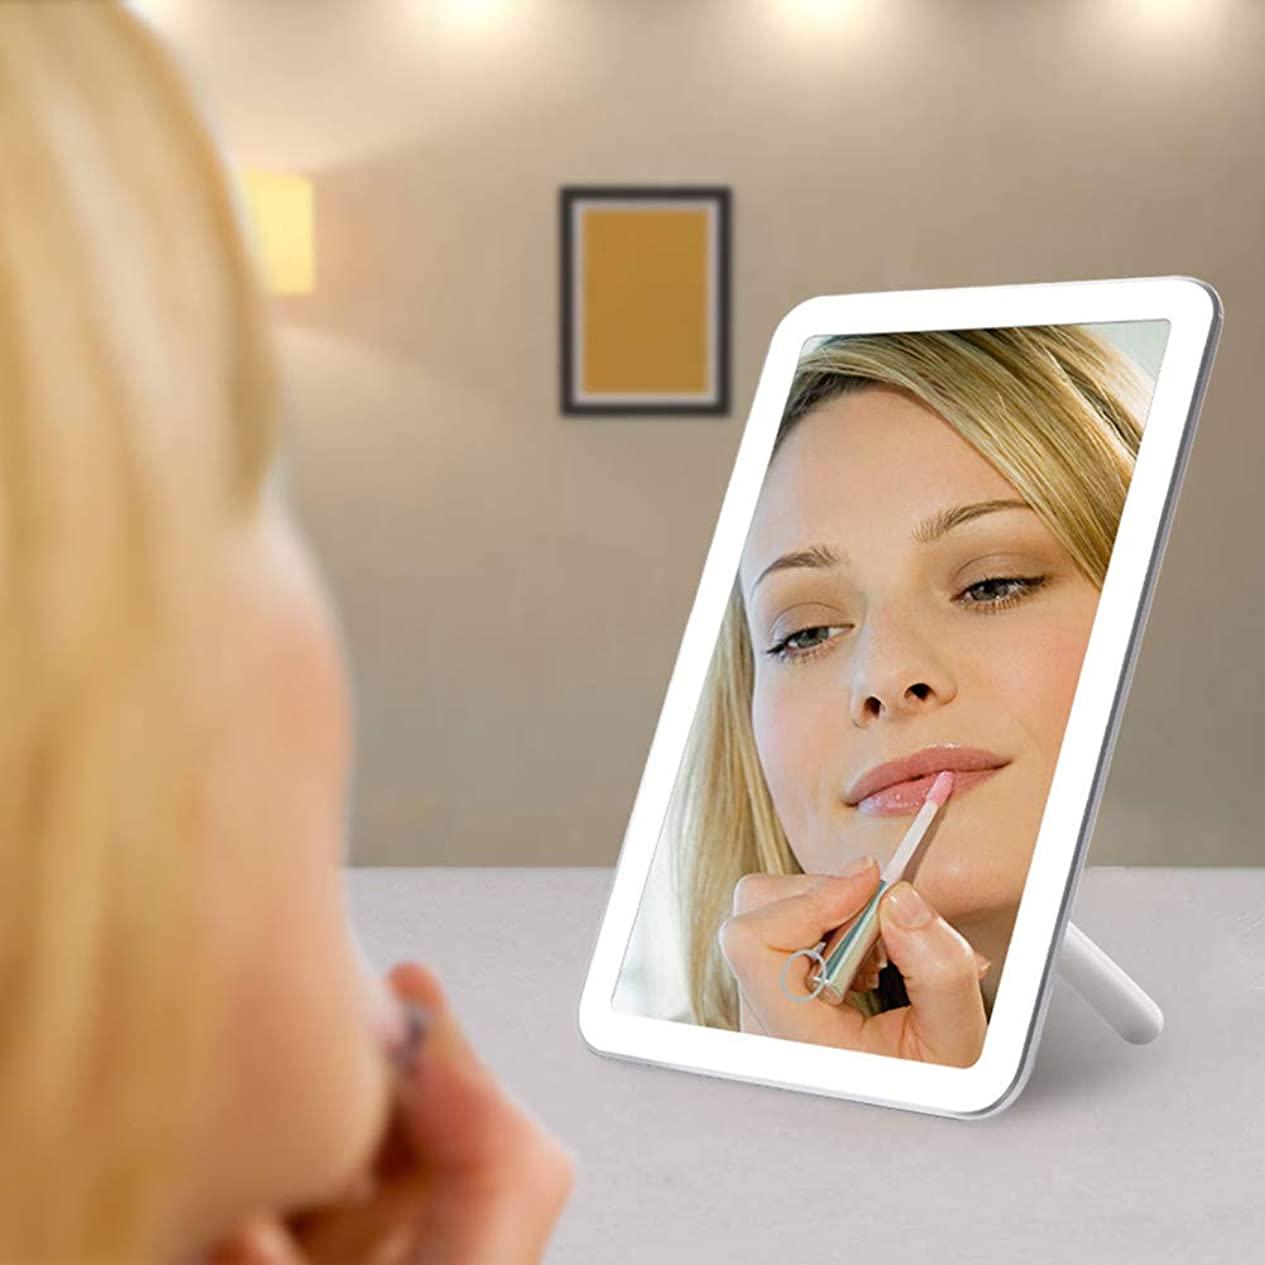 囲む管理者落花生LED化粧鏡、USB充電式タッチスクリーン輝度調節可能180回転デスクトップ化粧鏡家族旅行